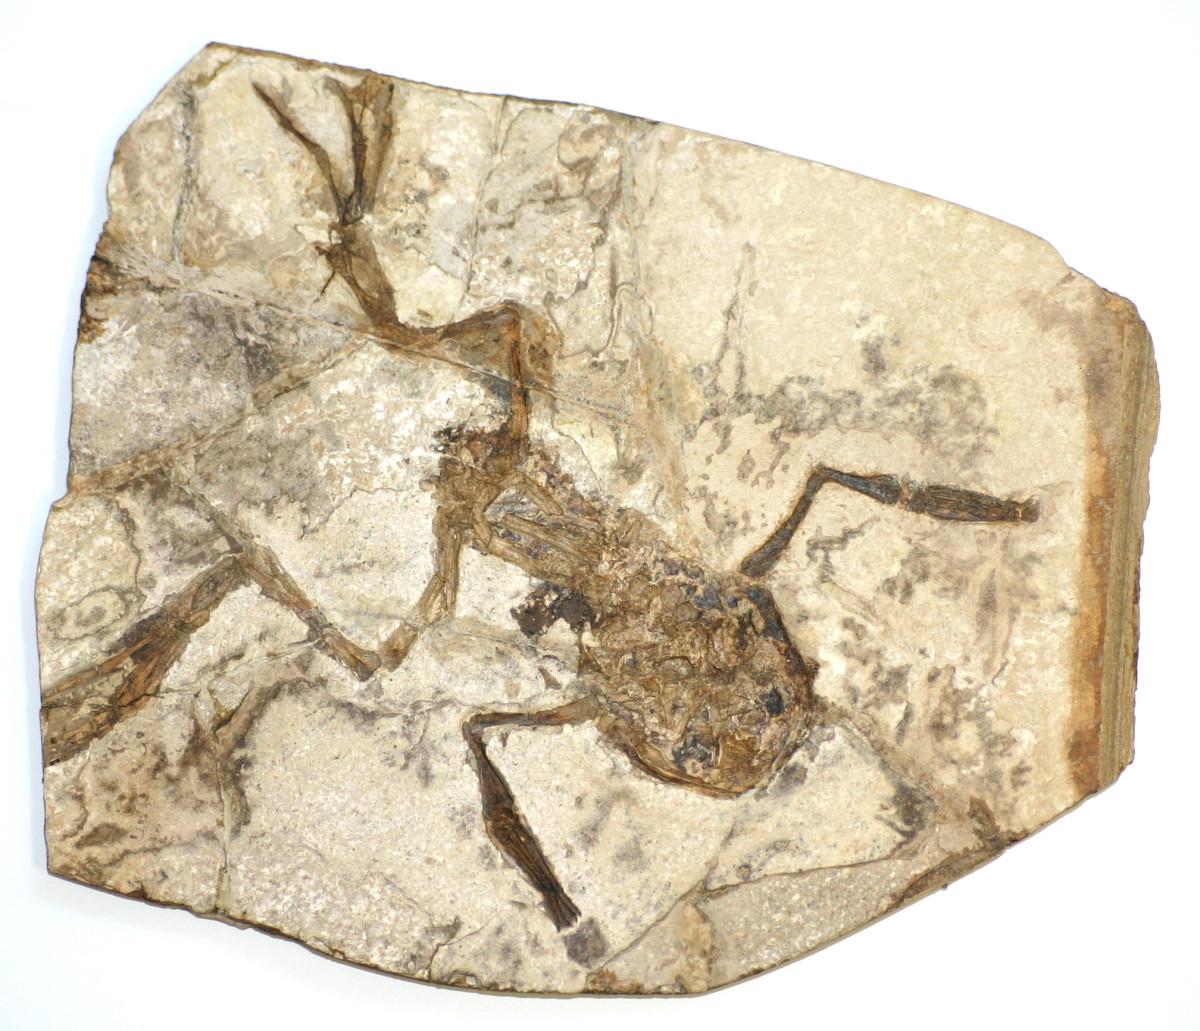 Fossilised Palaeobatrachus gigas.